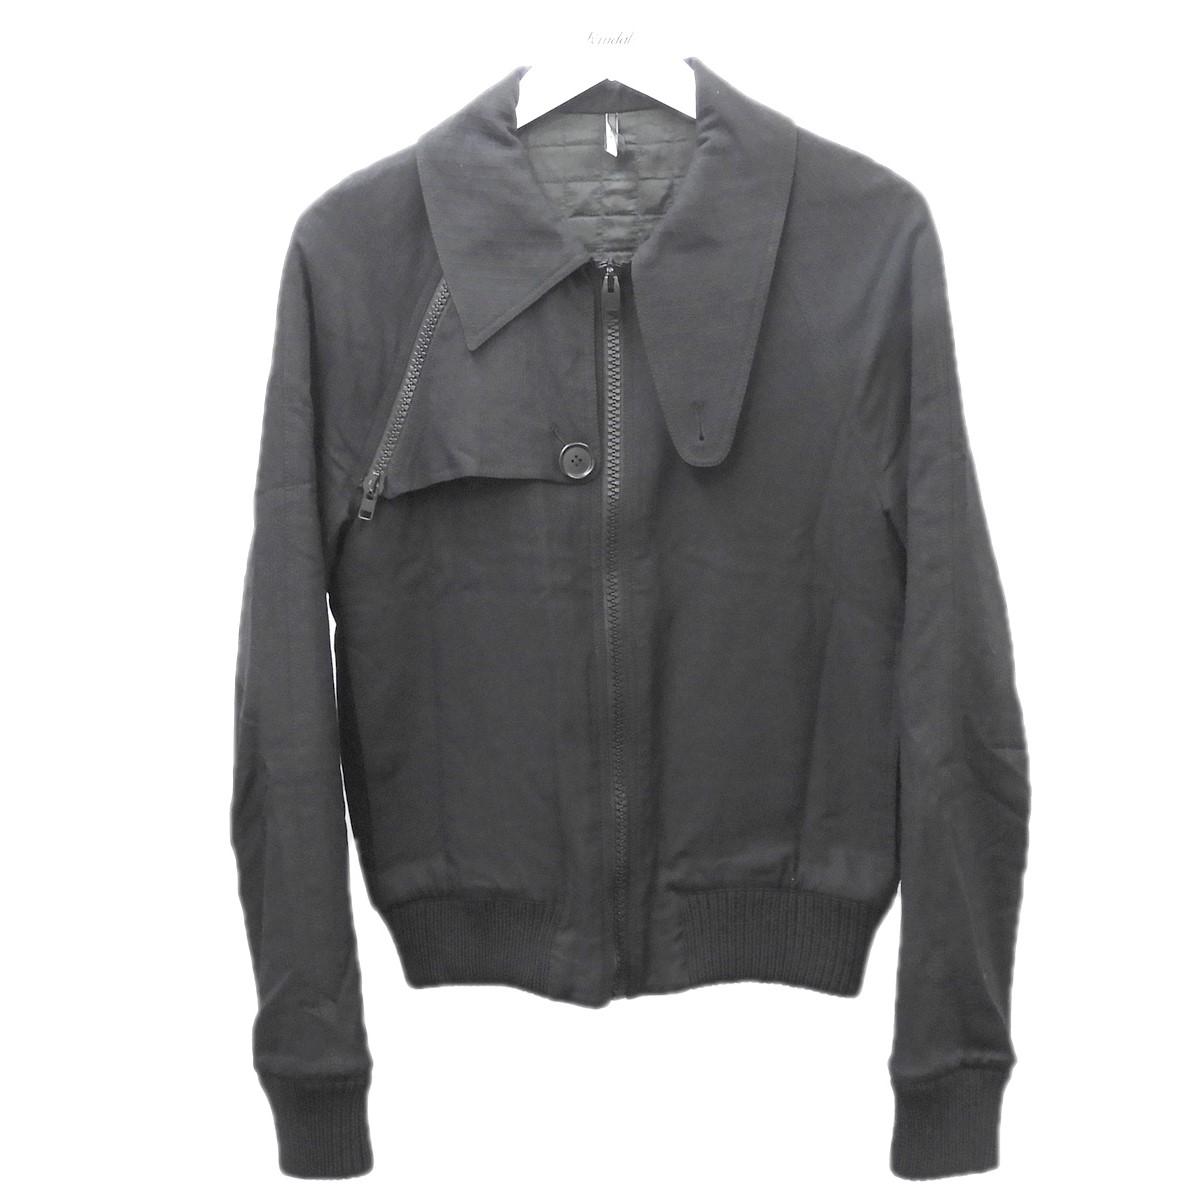 【中古】Dior Homme 2007AW ジップアップジャケット ブラック サイズ:44 【200720】(ディオールオム)